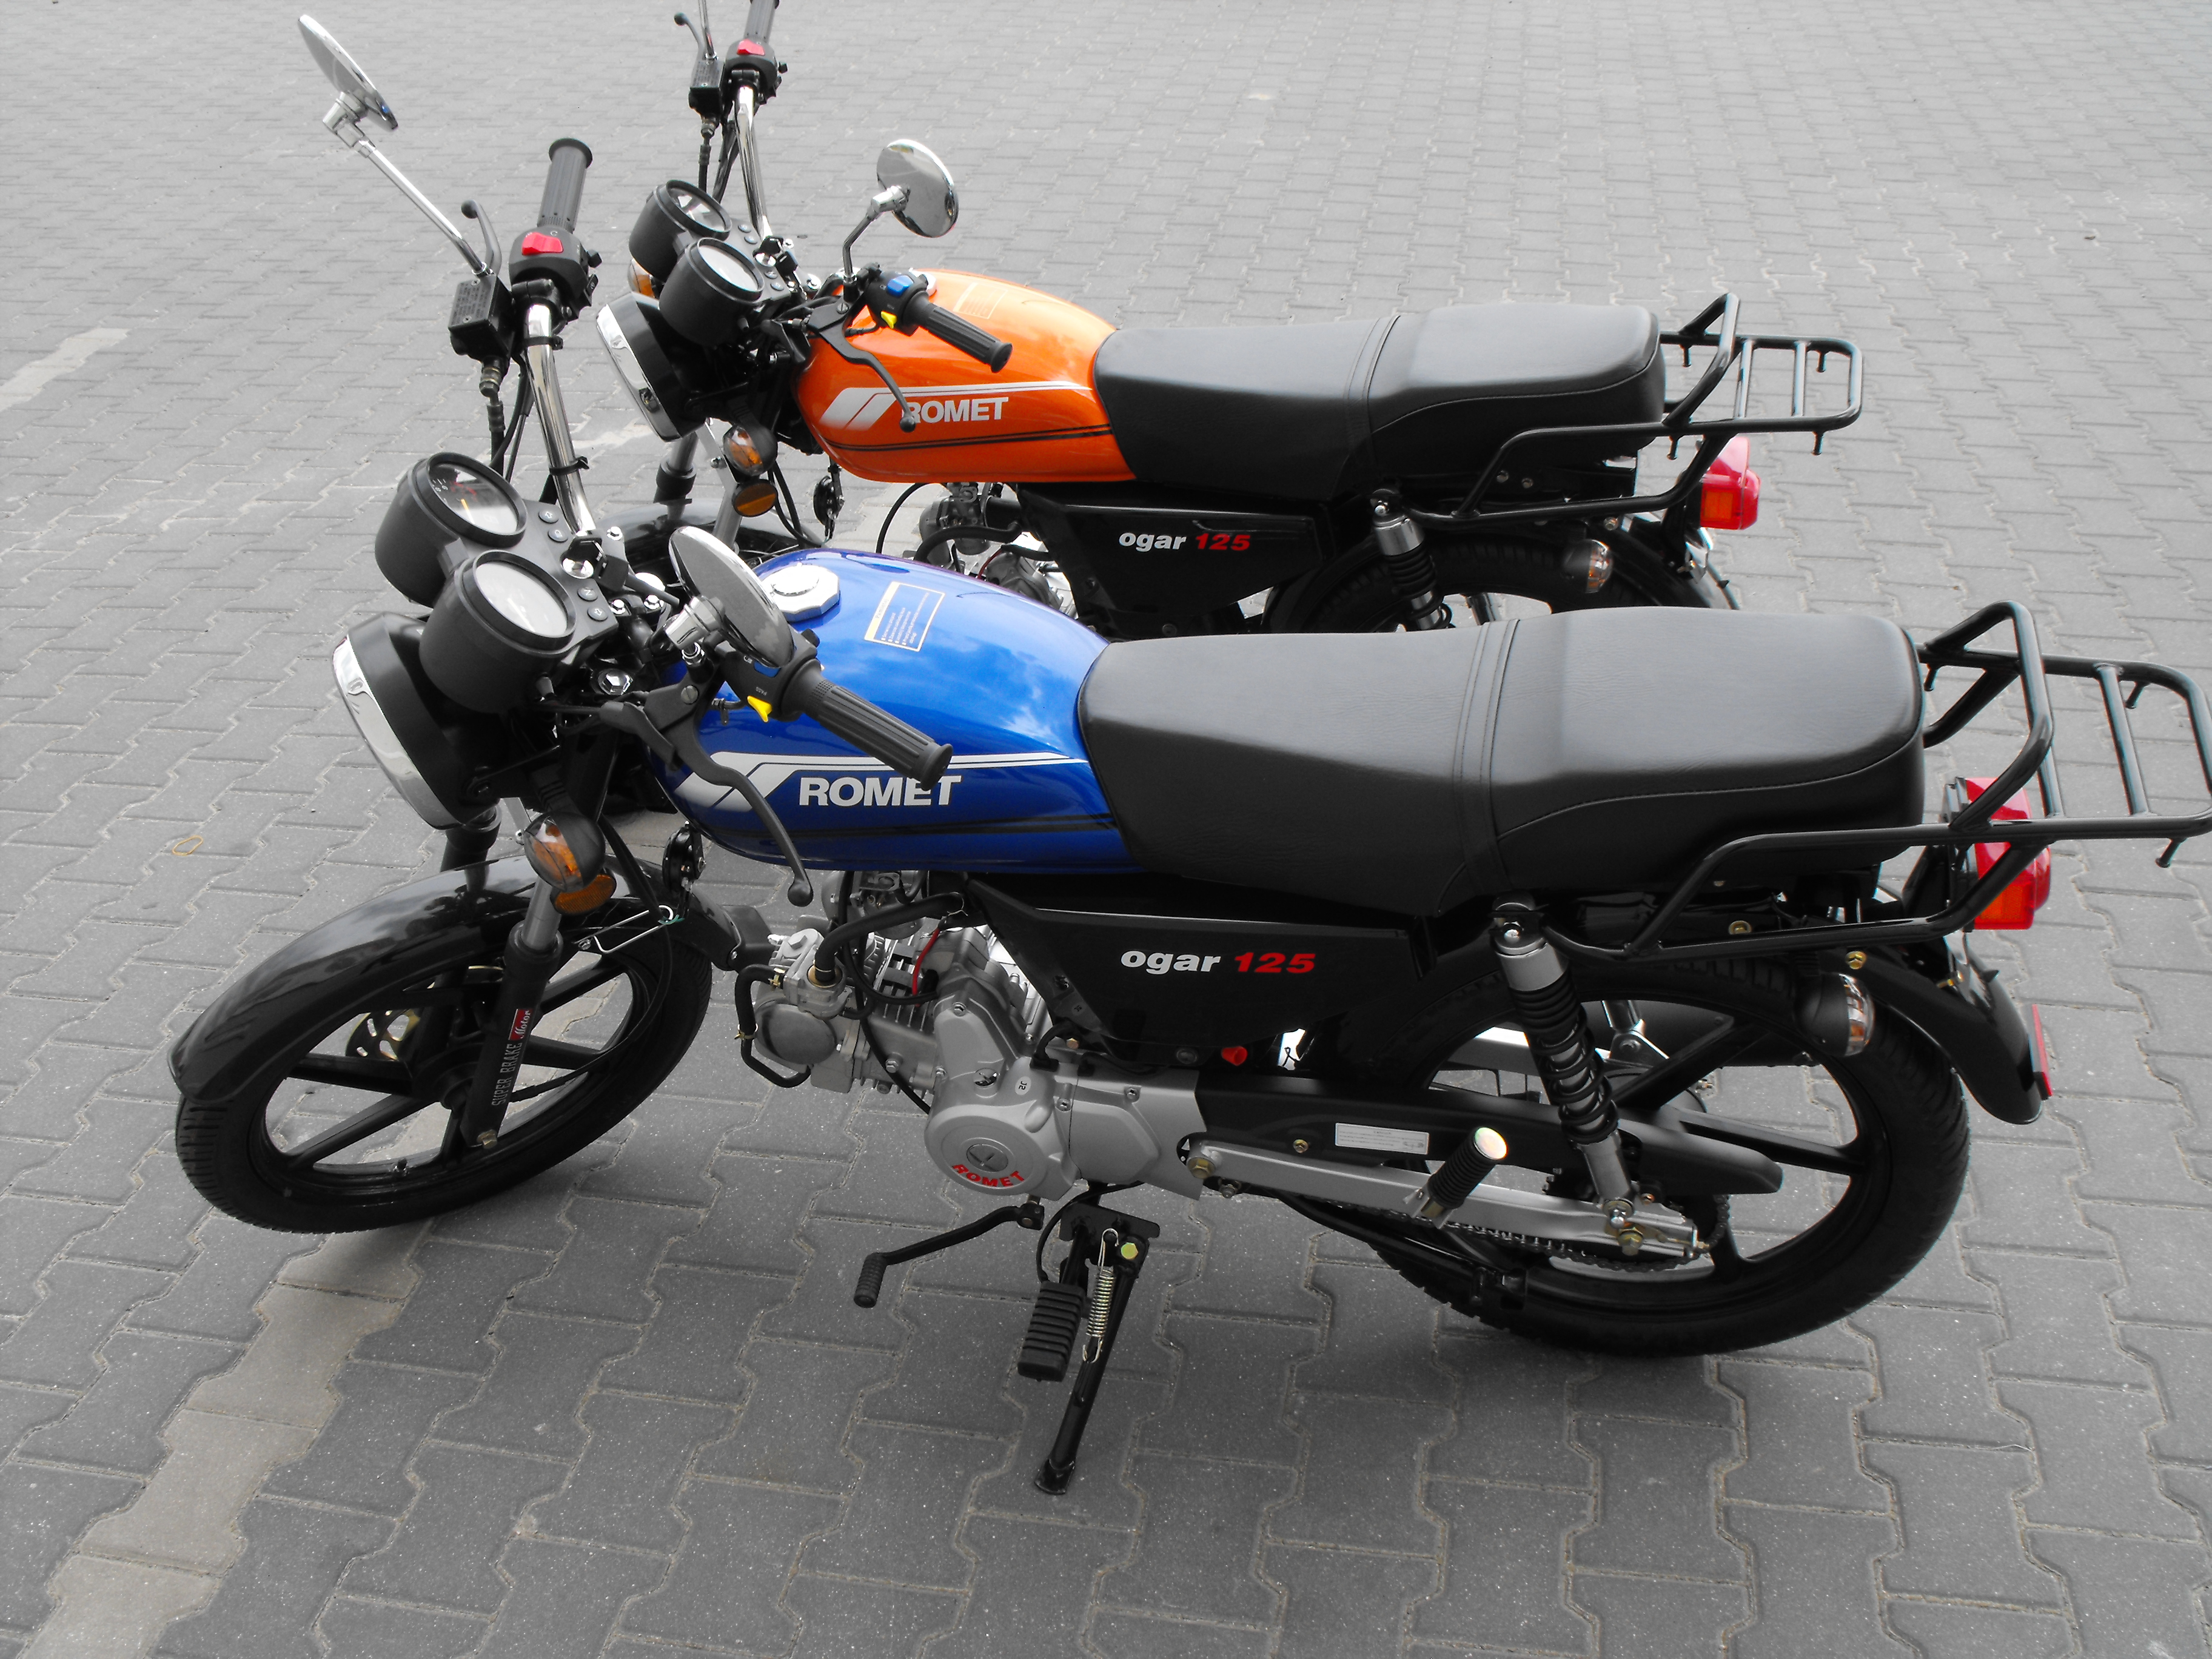 motocykl romet ogar 125 5670513464 wi cej. Black Bedroom Furniture Sets. Home Design Ideas